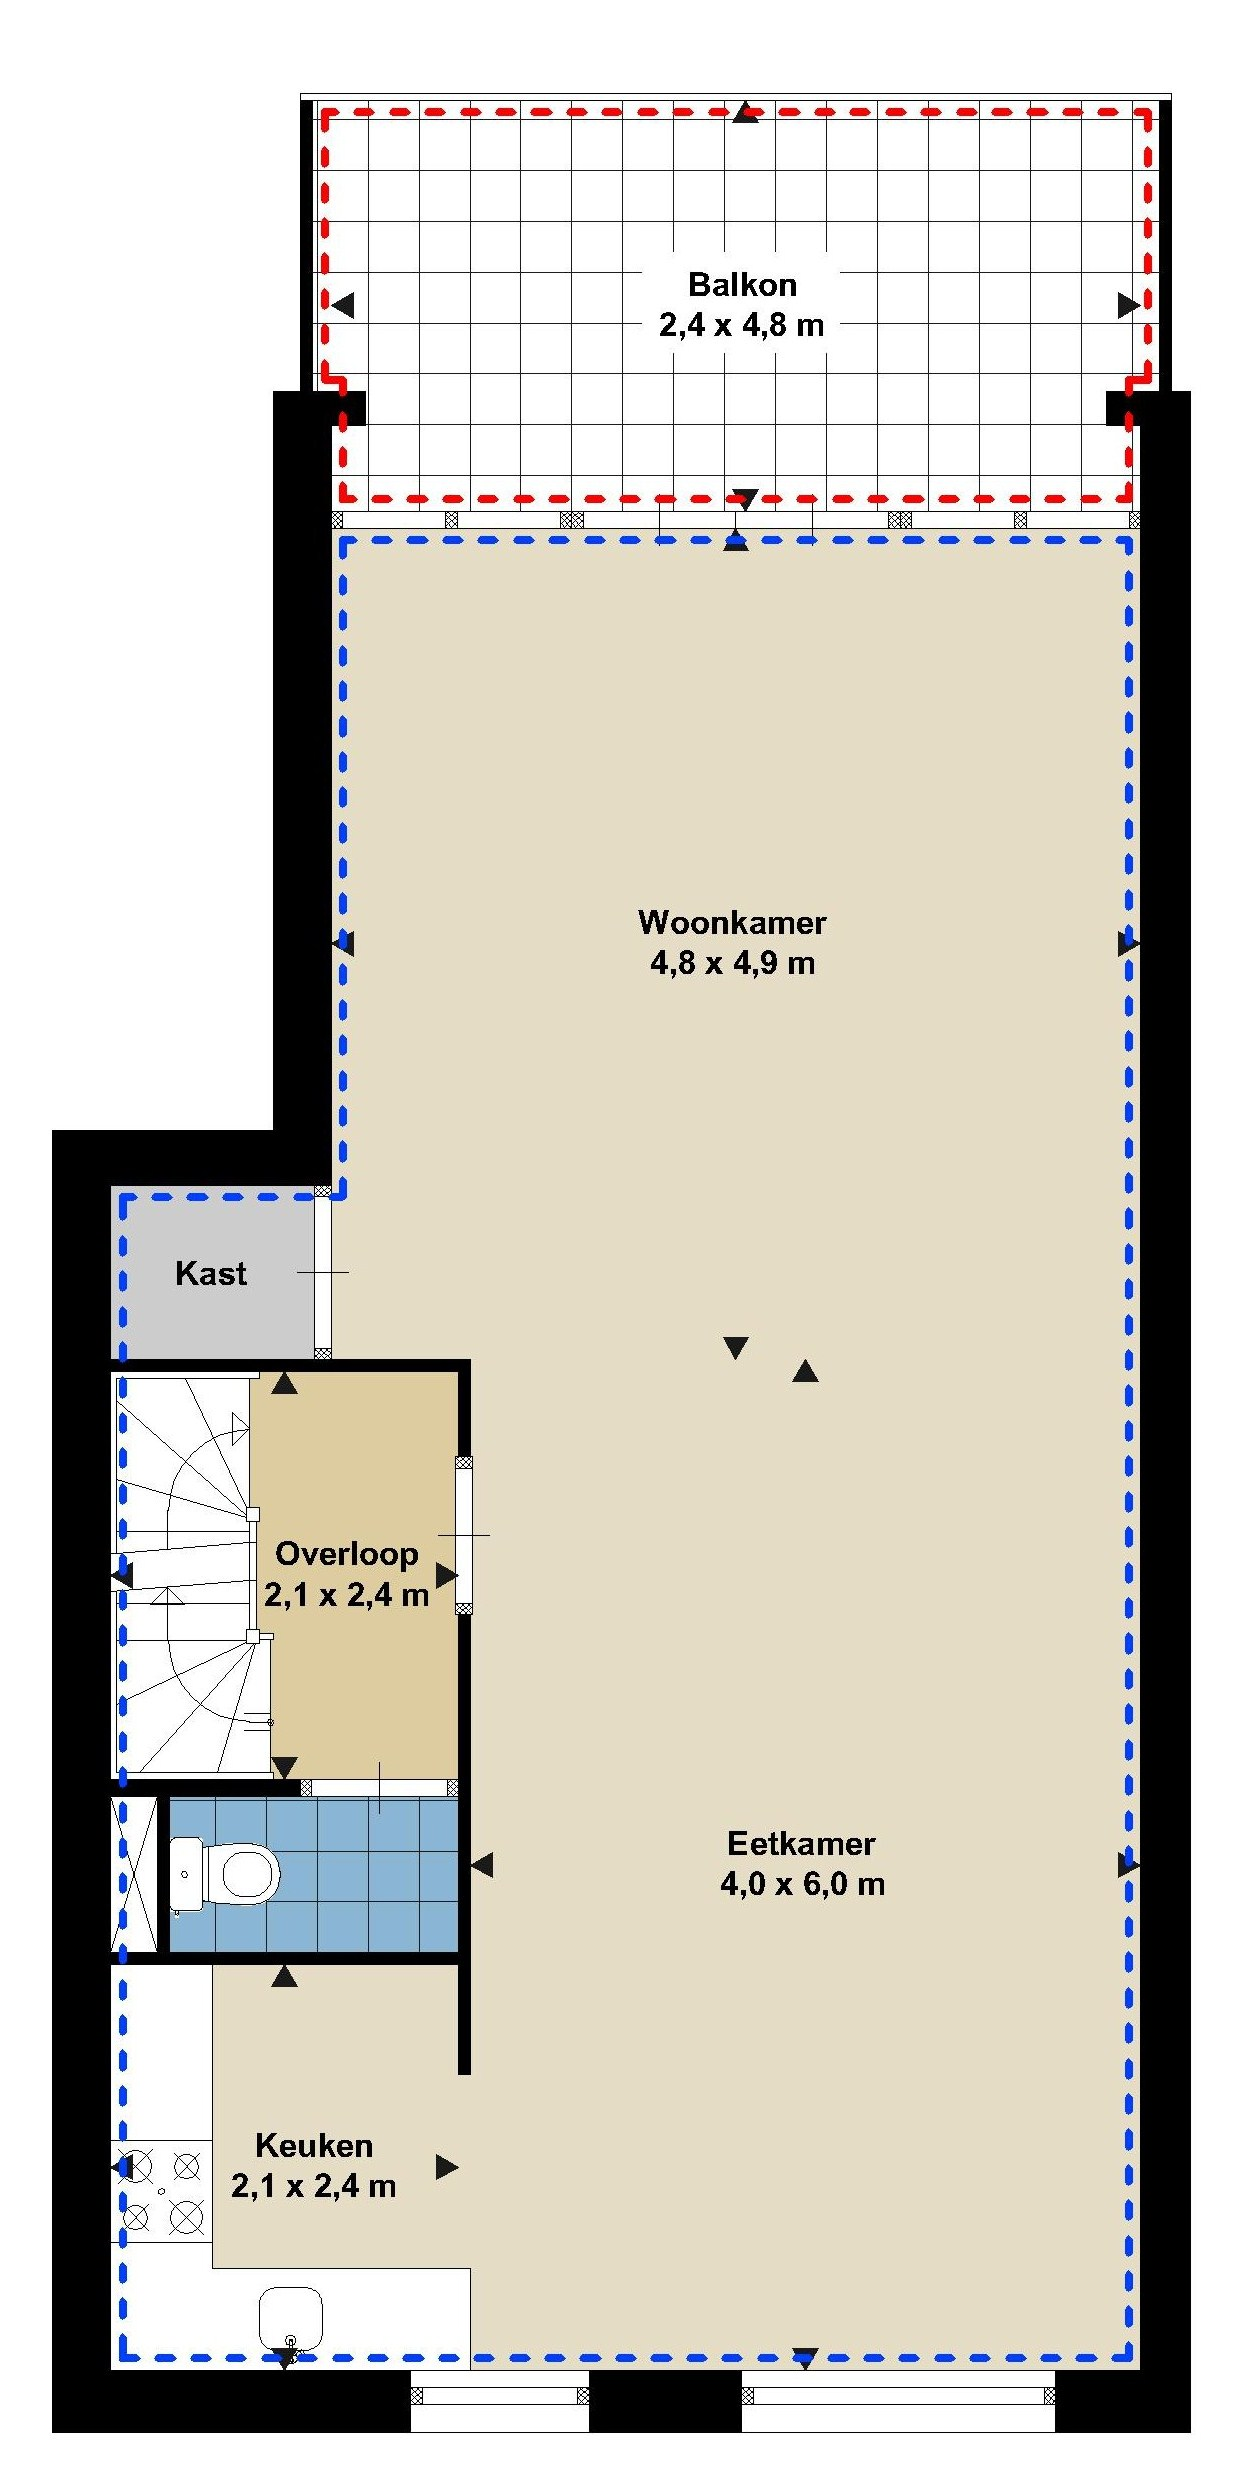 Zelf Woning Verkopen Funda  Jpeg kb zelf uw huis verkopen via e makelaar share the  Huis